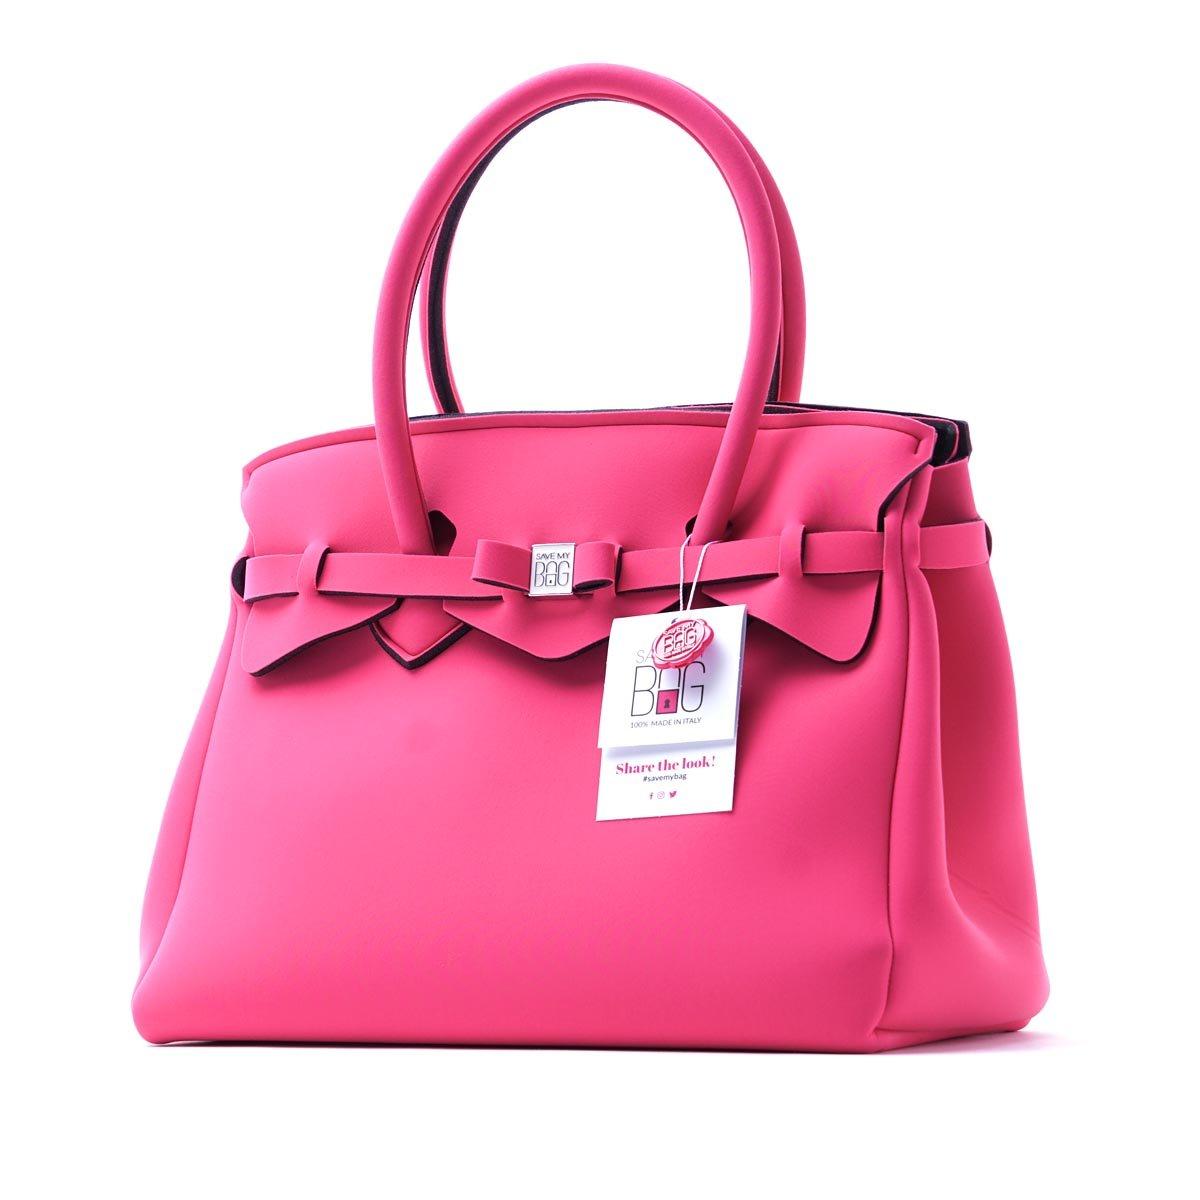 (セーブ マイ バッグ) SAVE MY BAG ハンドバッグ/MISS LYCRA ミス [並行輸入品] B074JXZV6F Free|BLOGGER BLOGGER Free